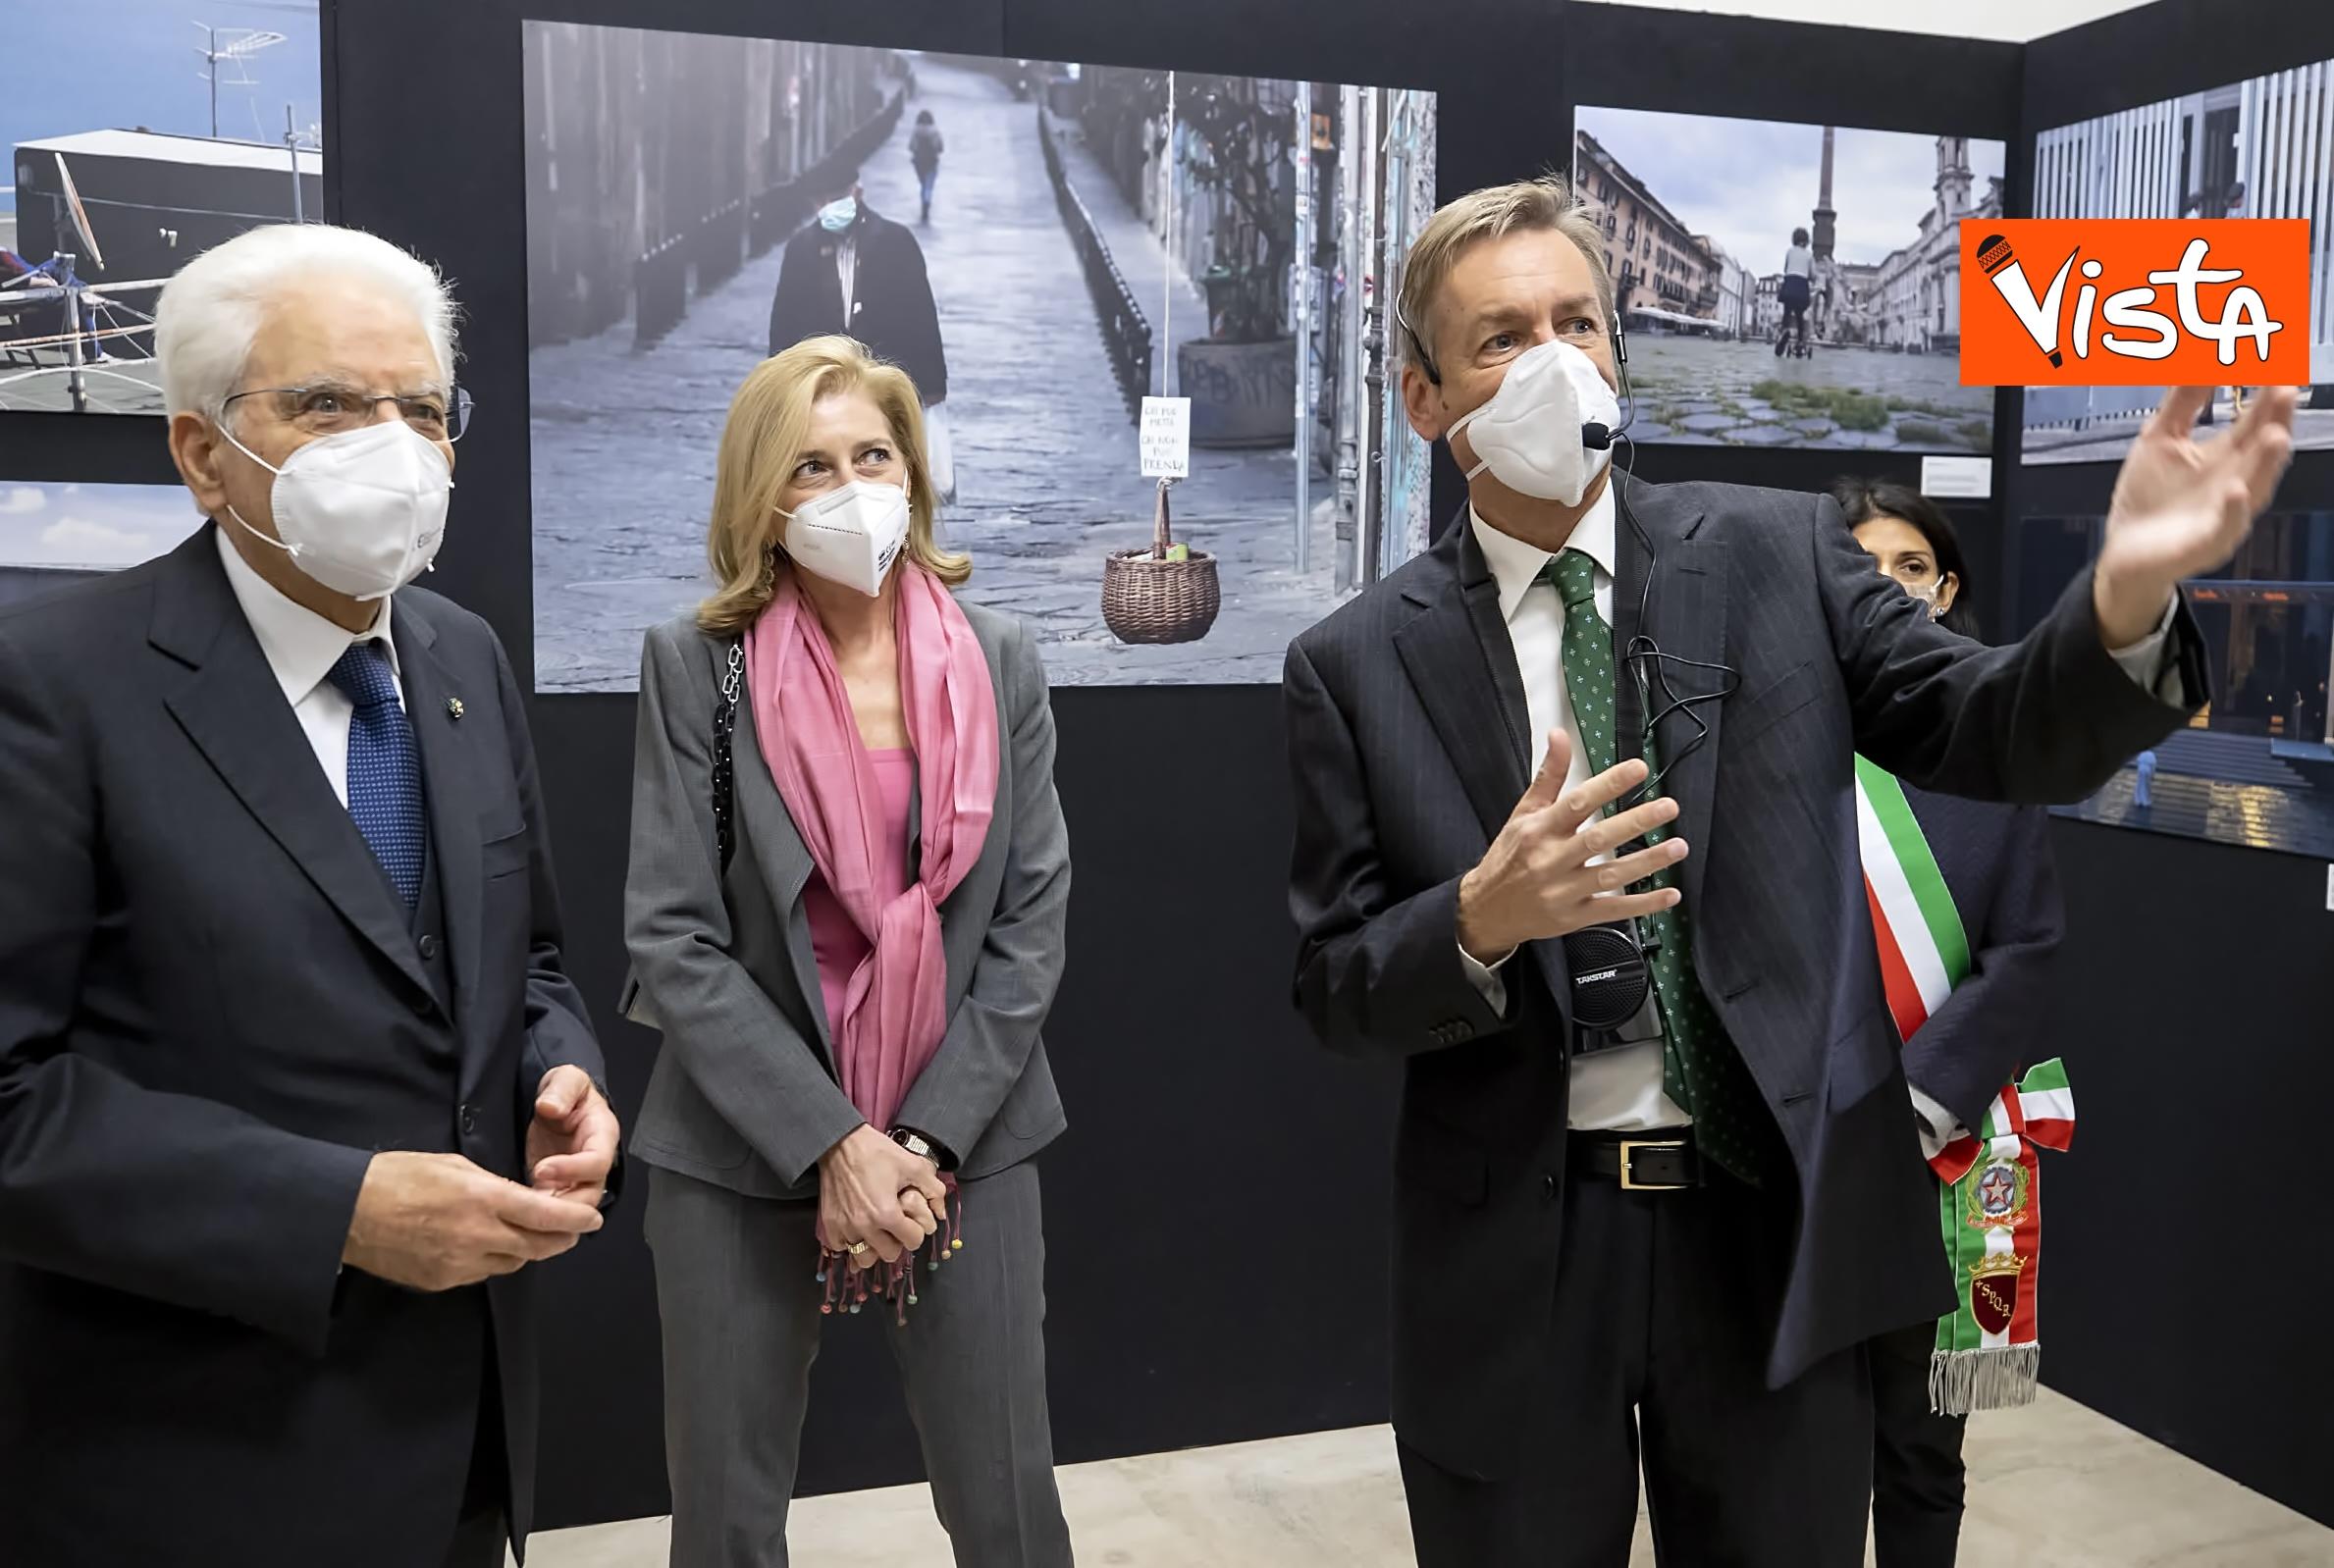 13-10-20 Mattarella visita la mostra Lockdown Italia presso la Stampa Esteri, le immagini_03